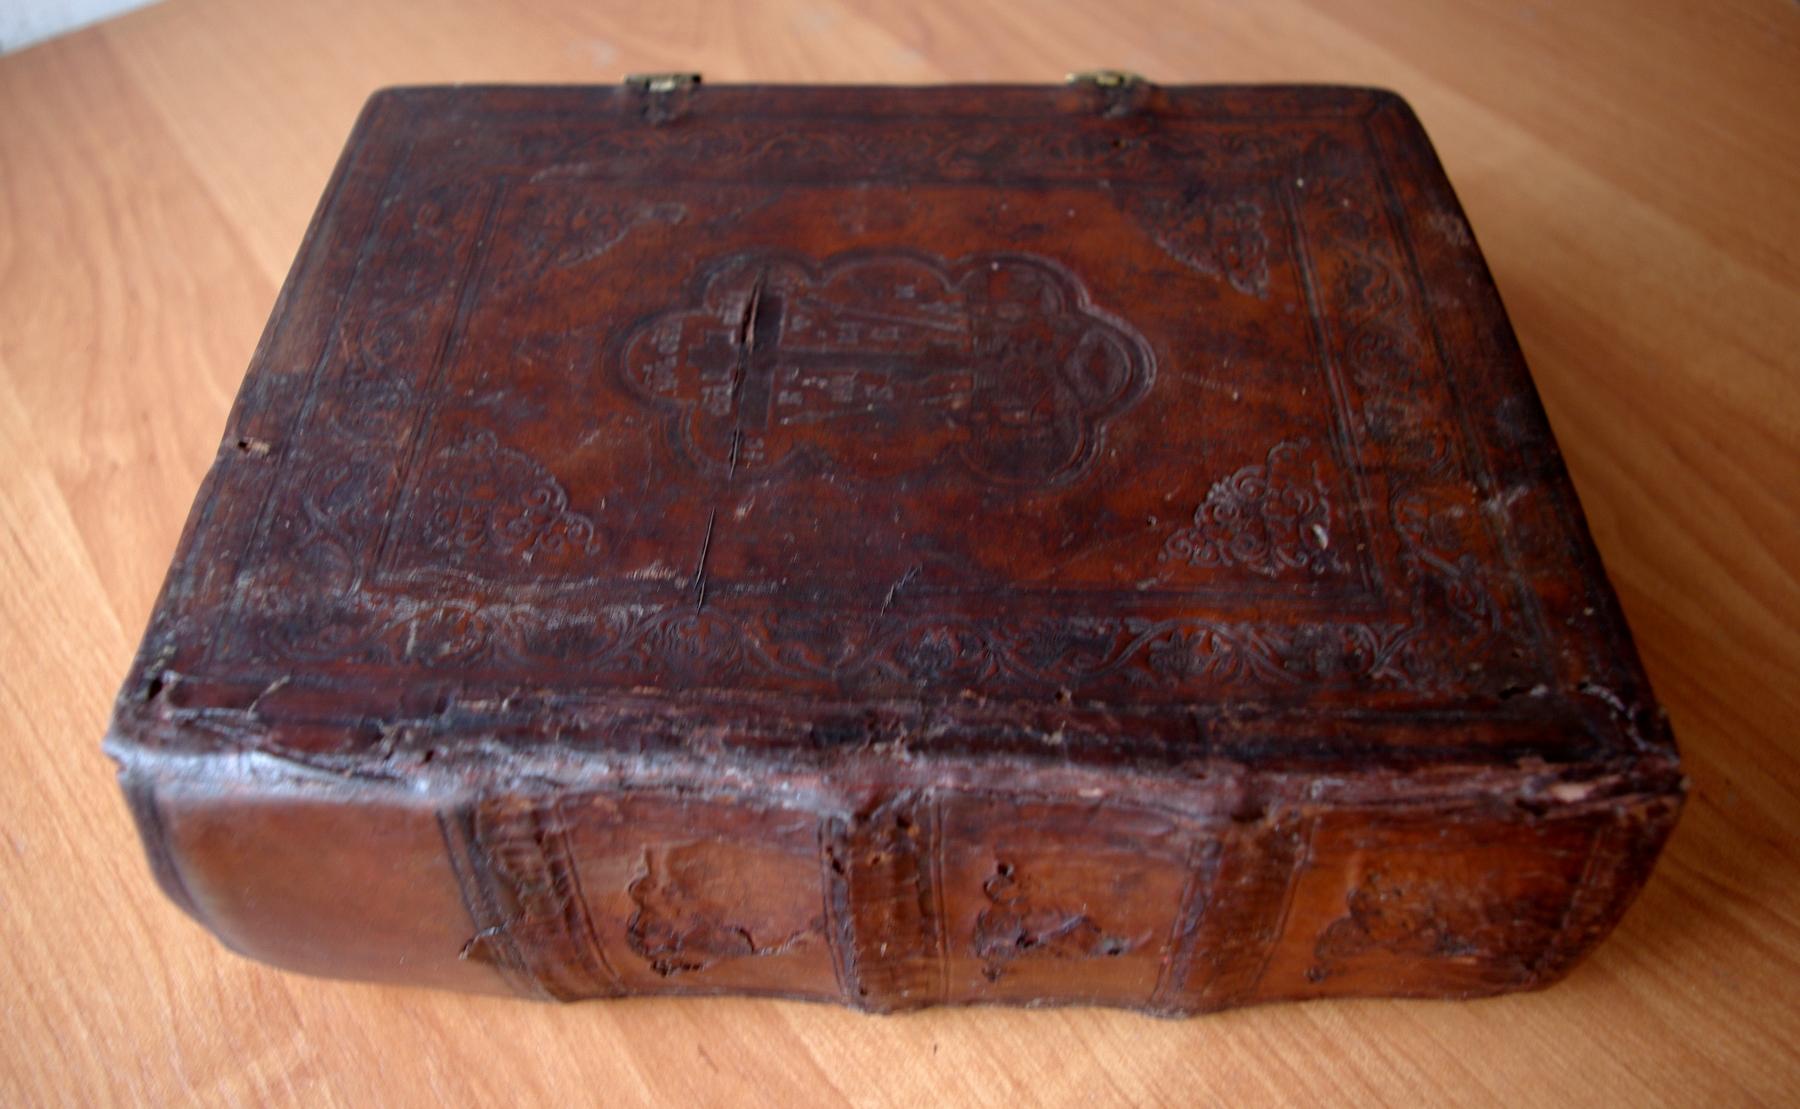 Псалтирь 19 века после реставрации. Общий вид книги.